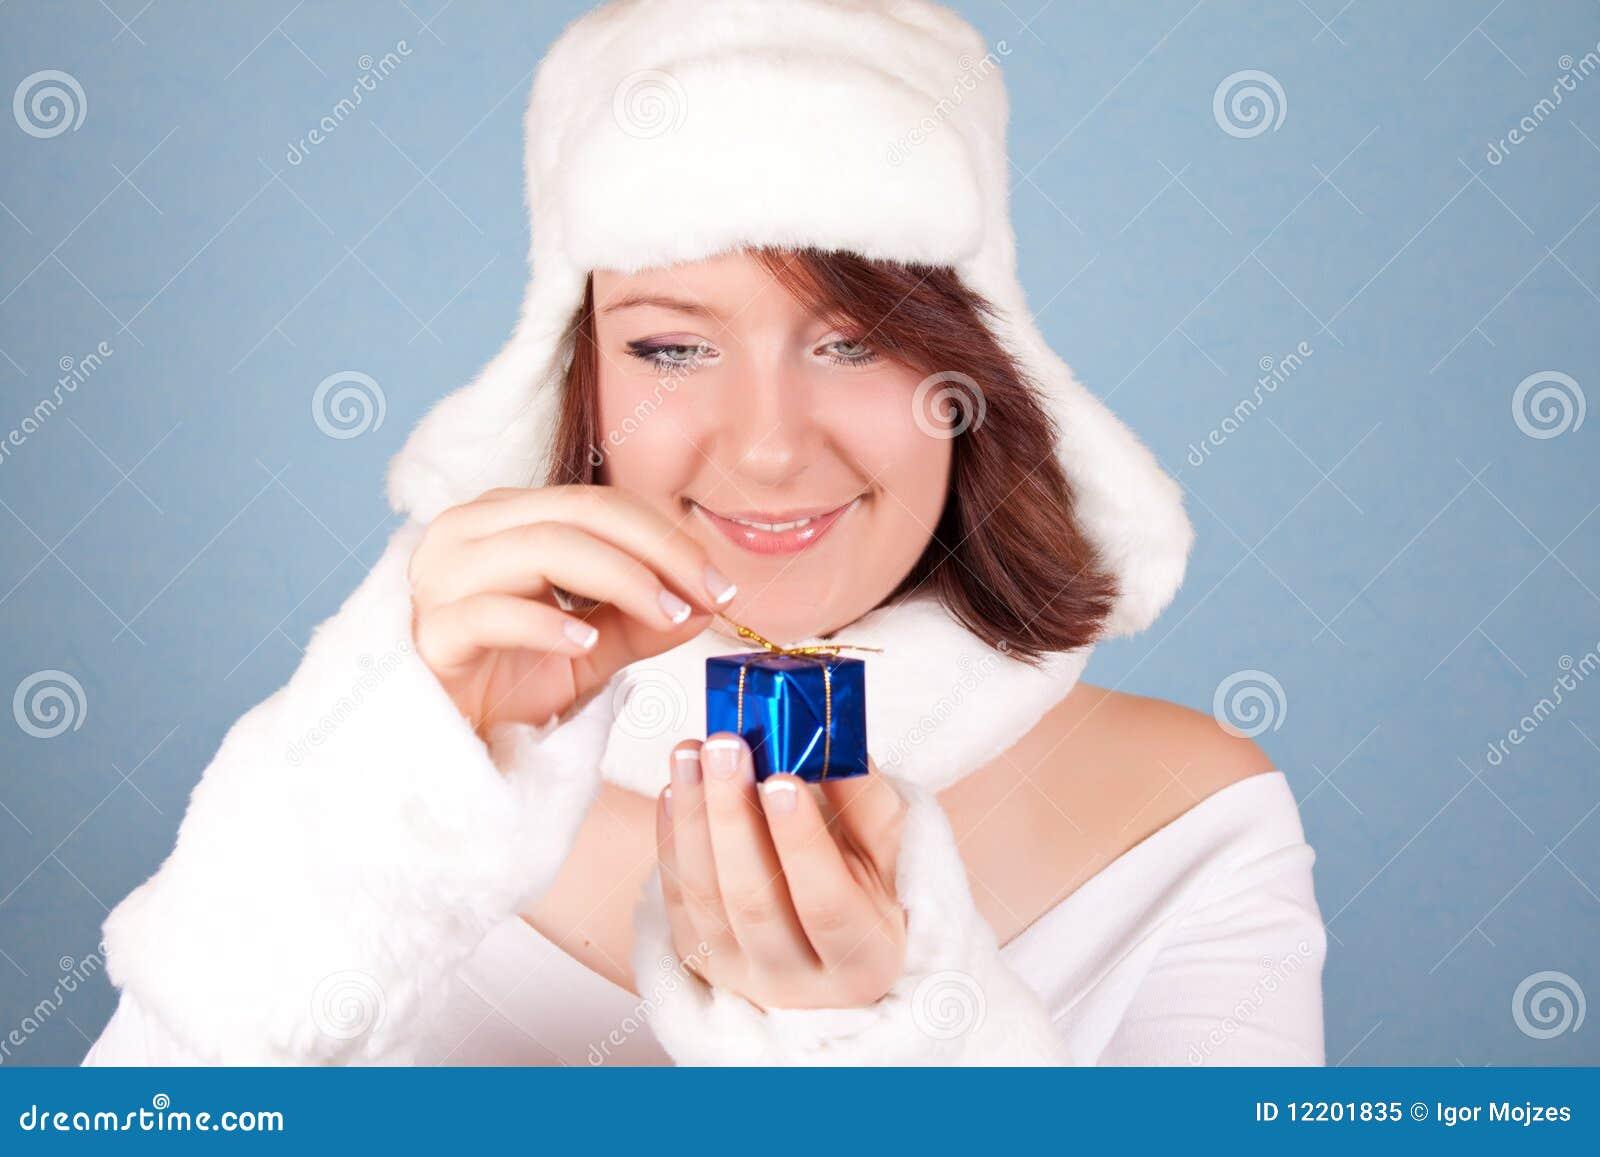 Portrait eines Mädchens im weißen Hut, der ein Geschenk öffnet